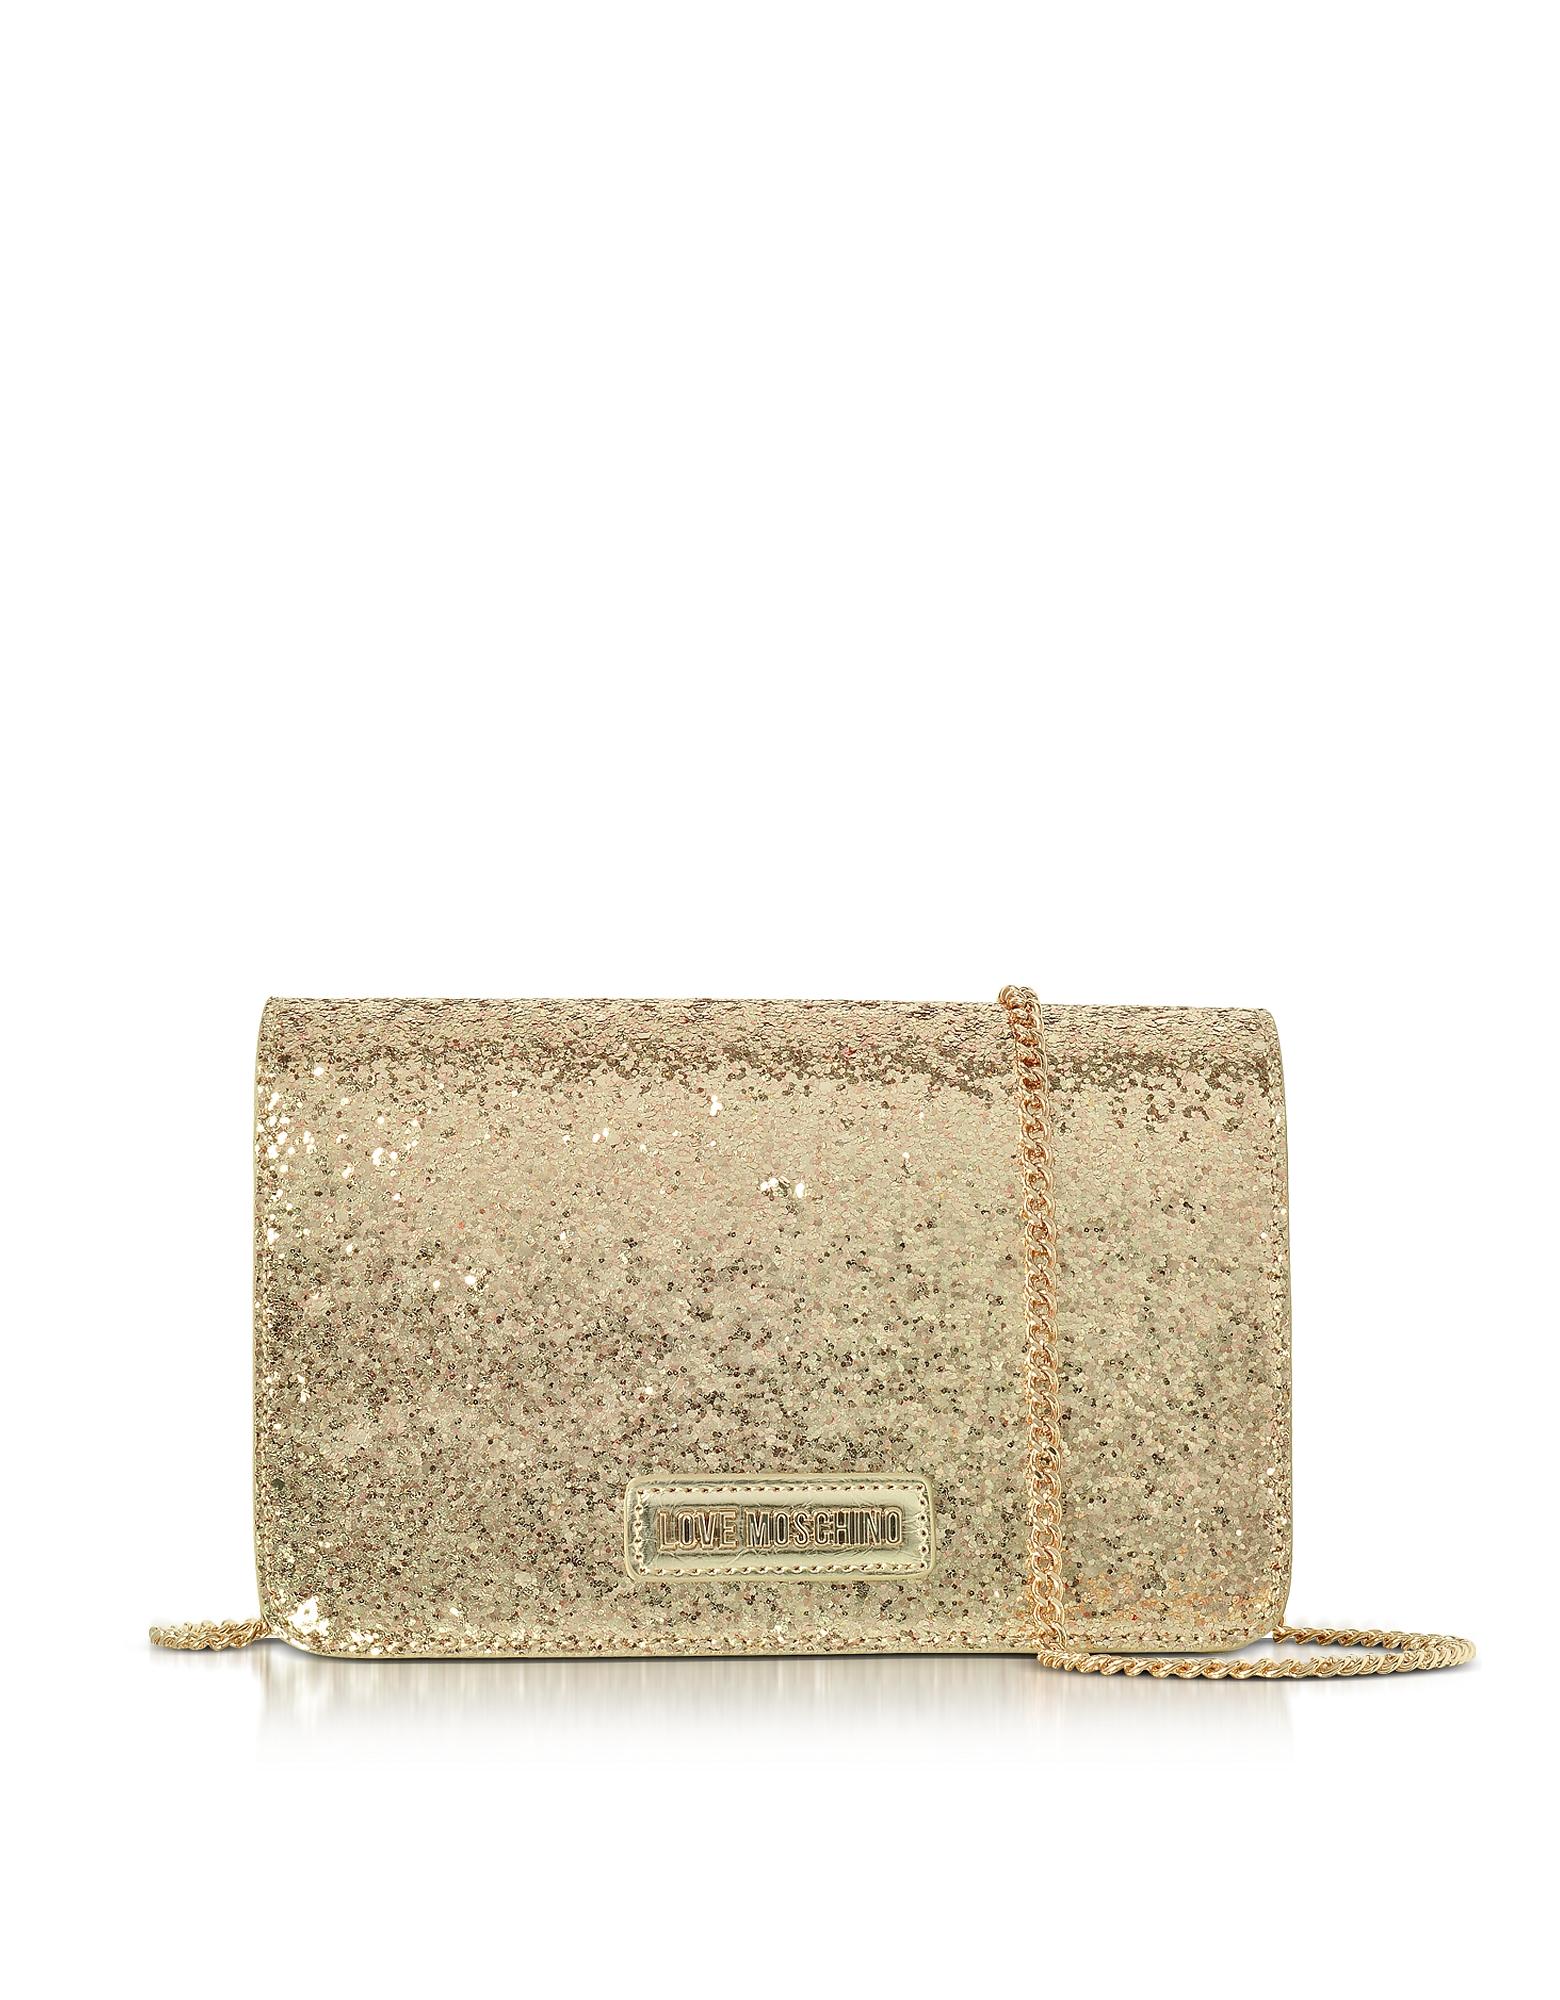 Evening Bag - Золотистый Клатч из Эко-Кожи с Цепочкой на Плечо